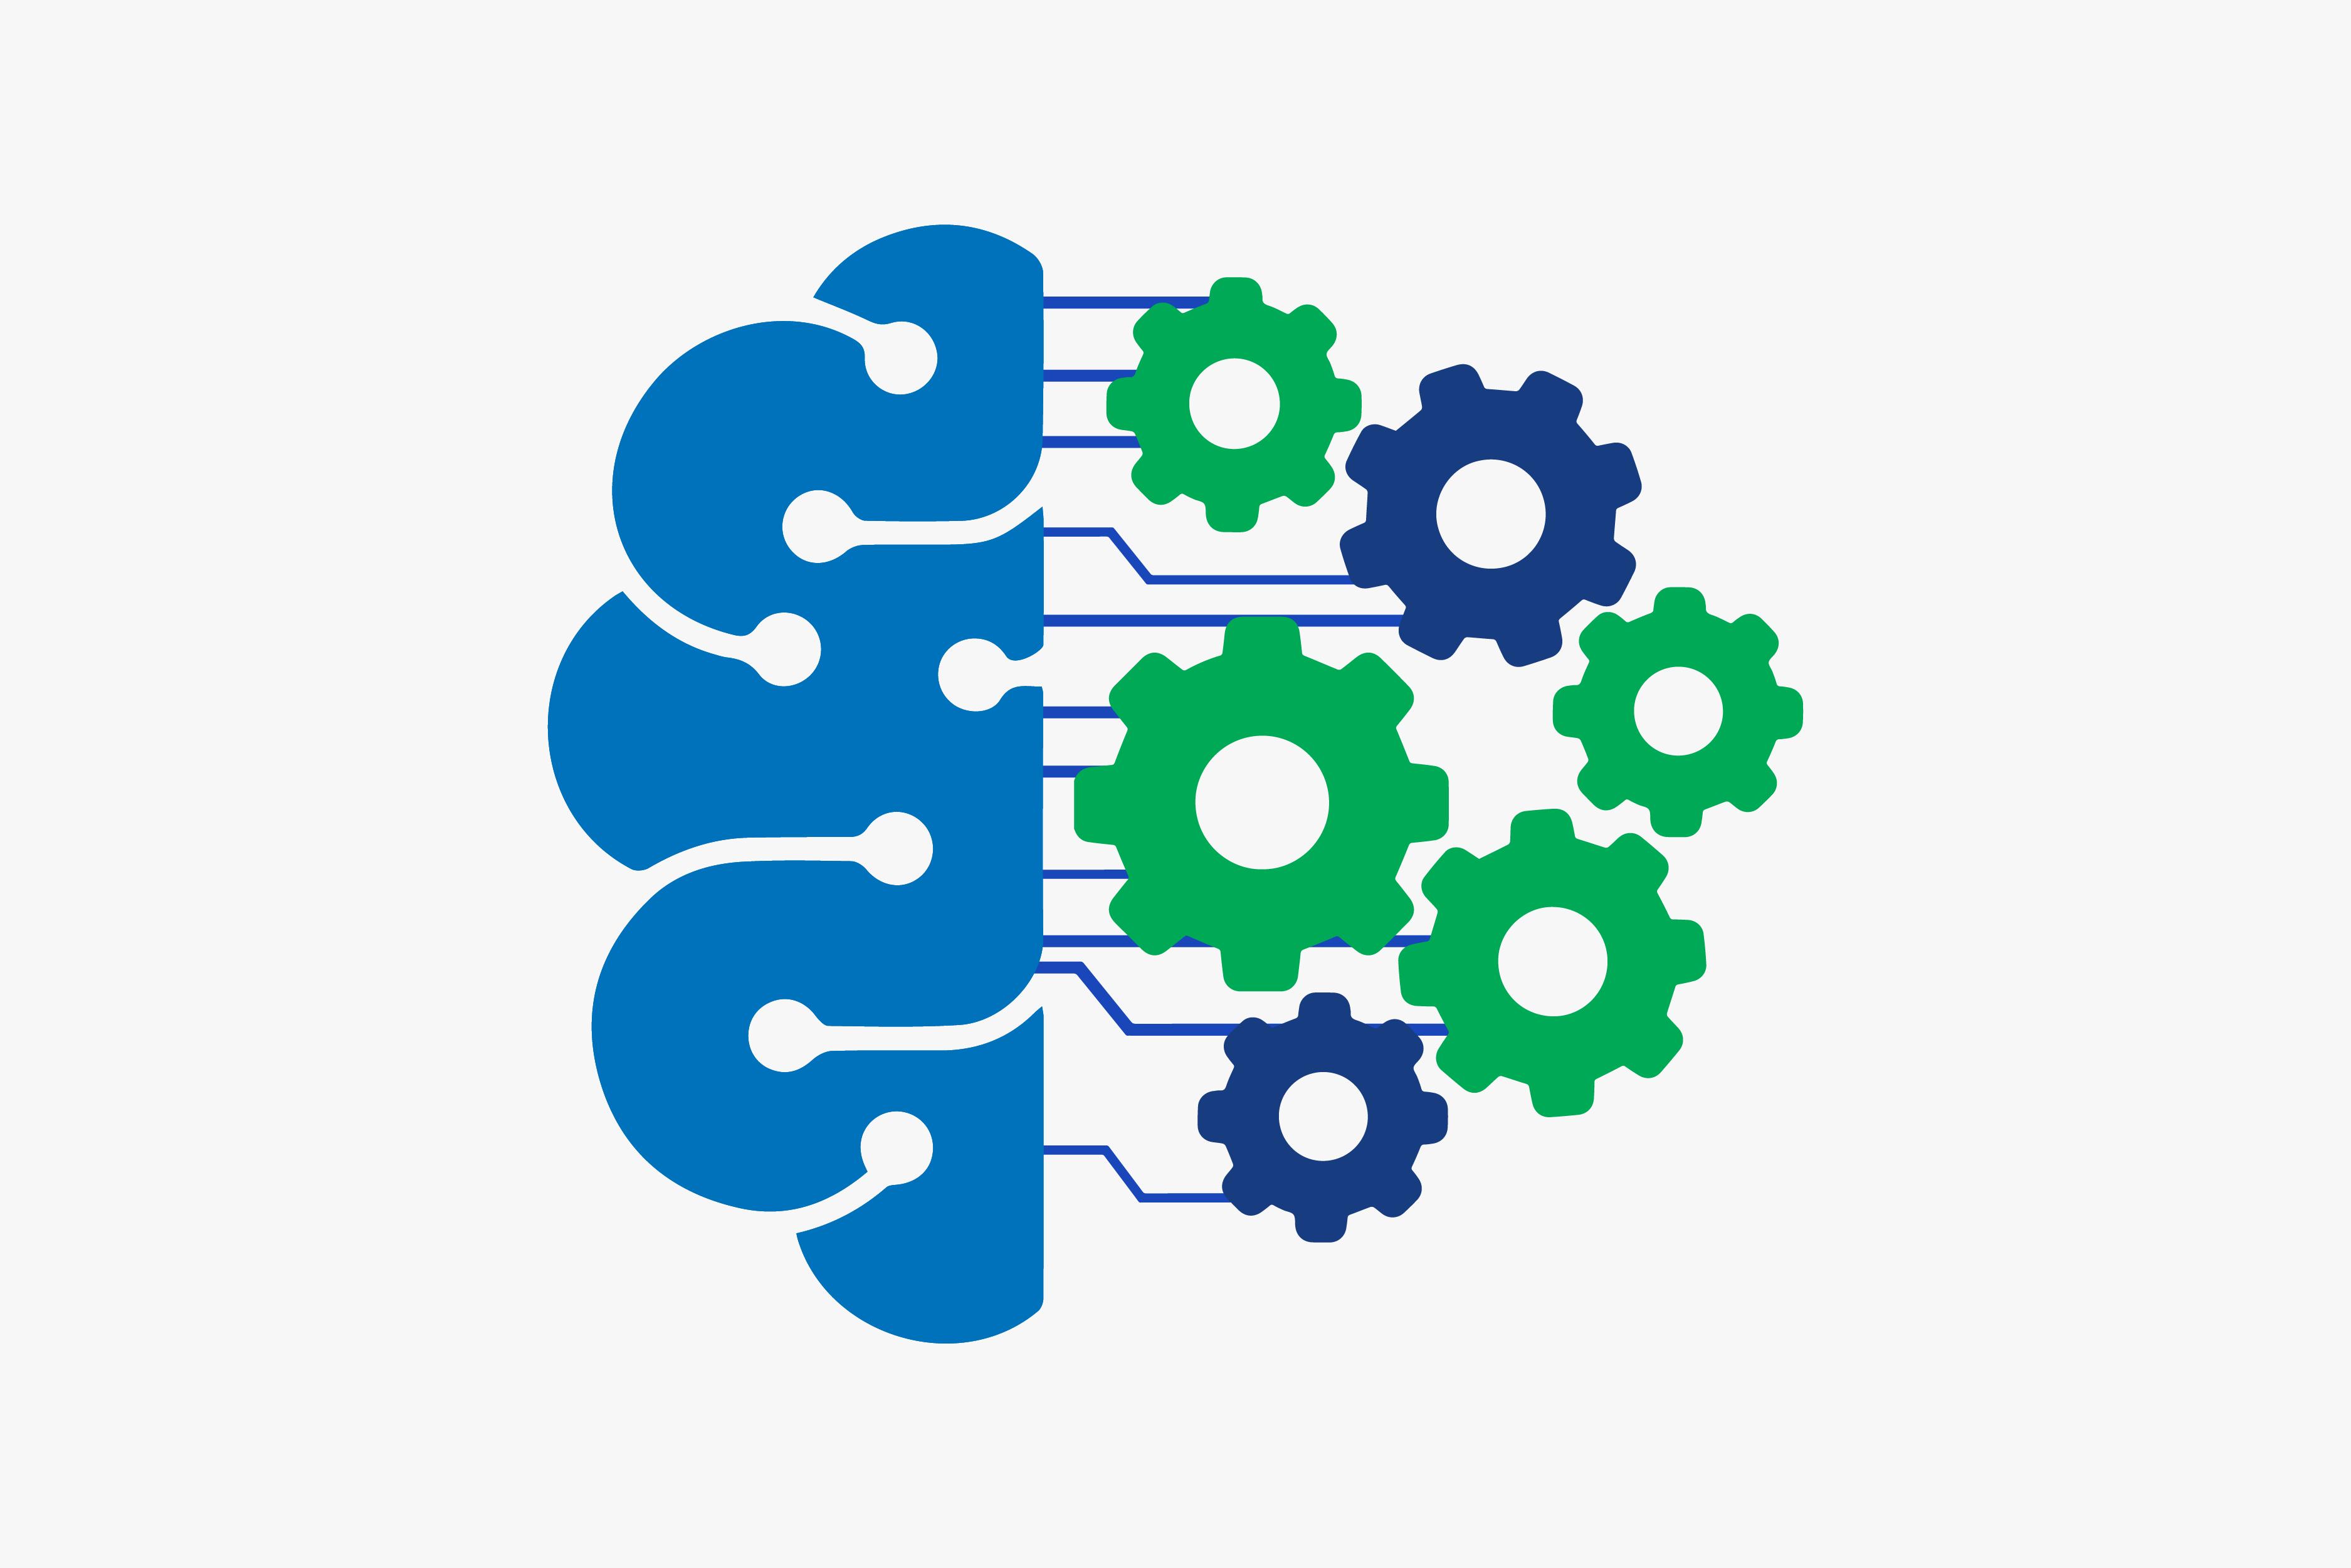 Machine Learning Meetup Torino - Alla scoperta del Machine Learning attraverso l'ottimizzazione evolutiva